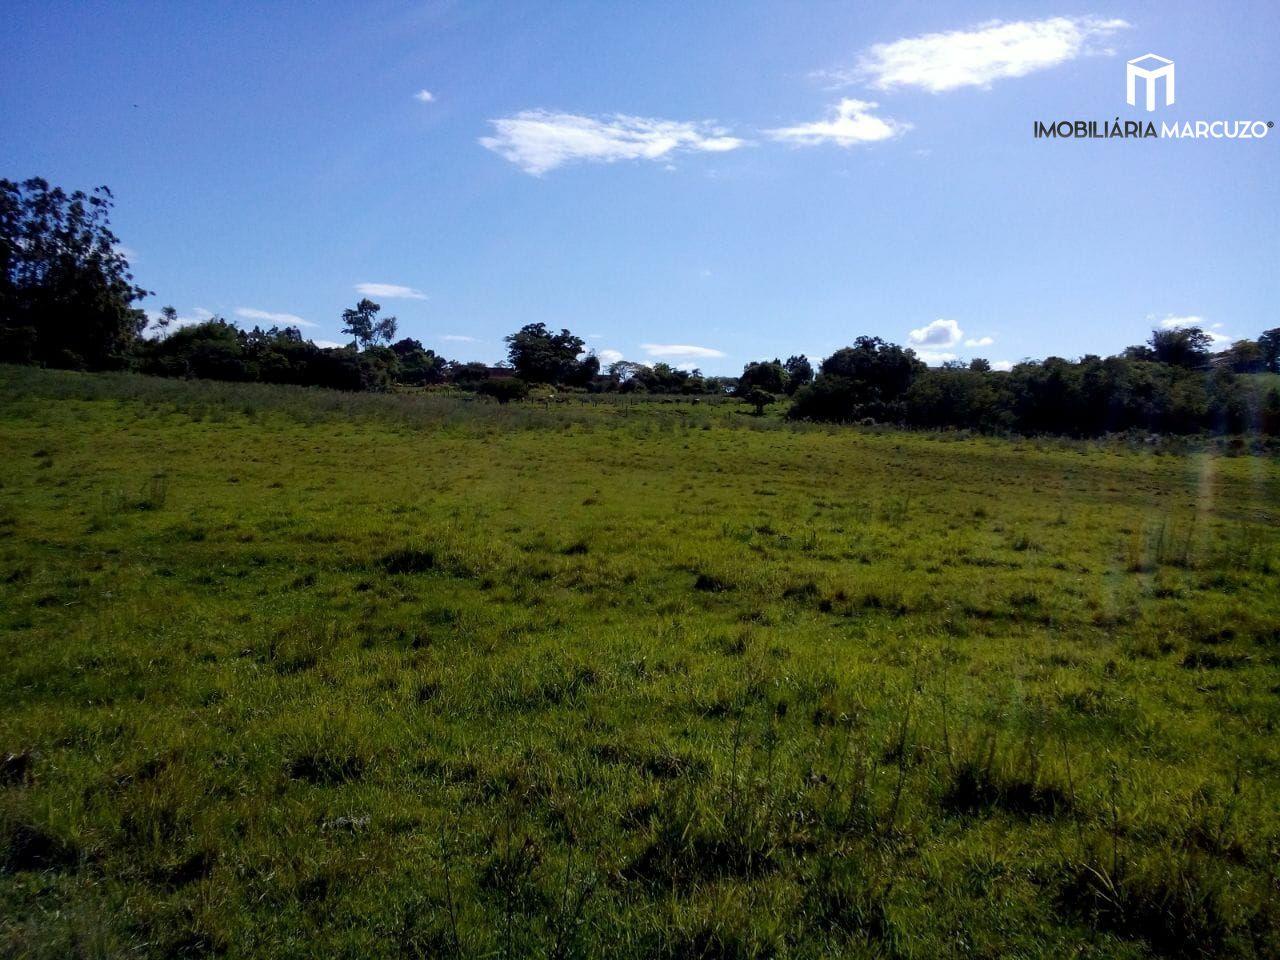 Fazenda/sítio/chácara/haras com 3 Dormitórios à venda, 62.000 m² por R$ 430.000,00